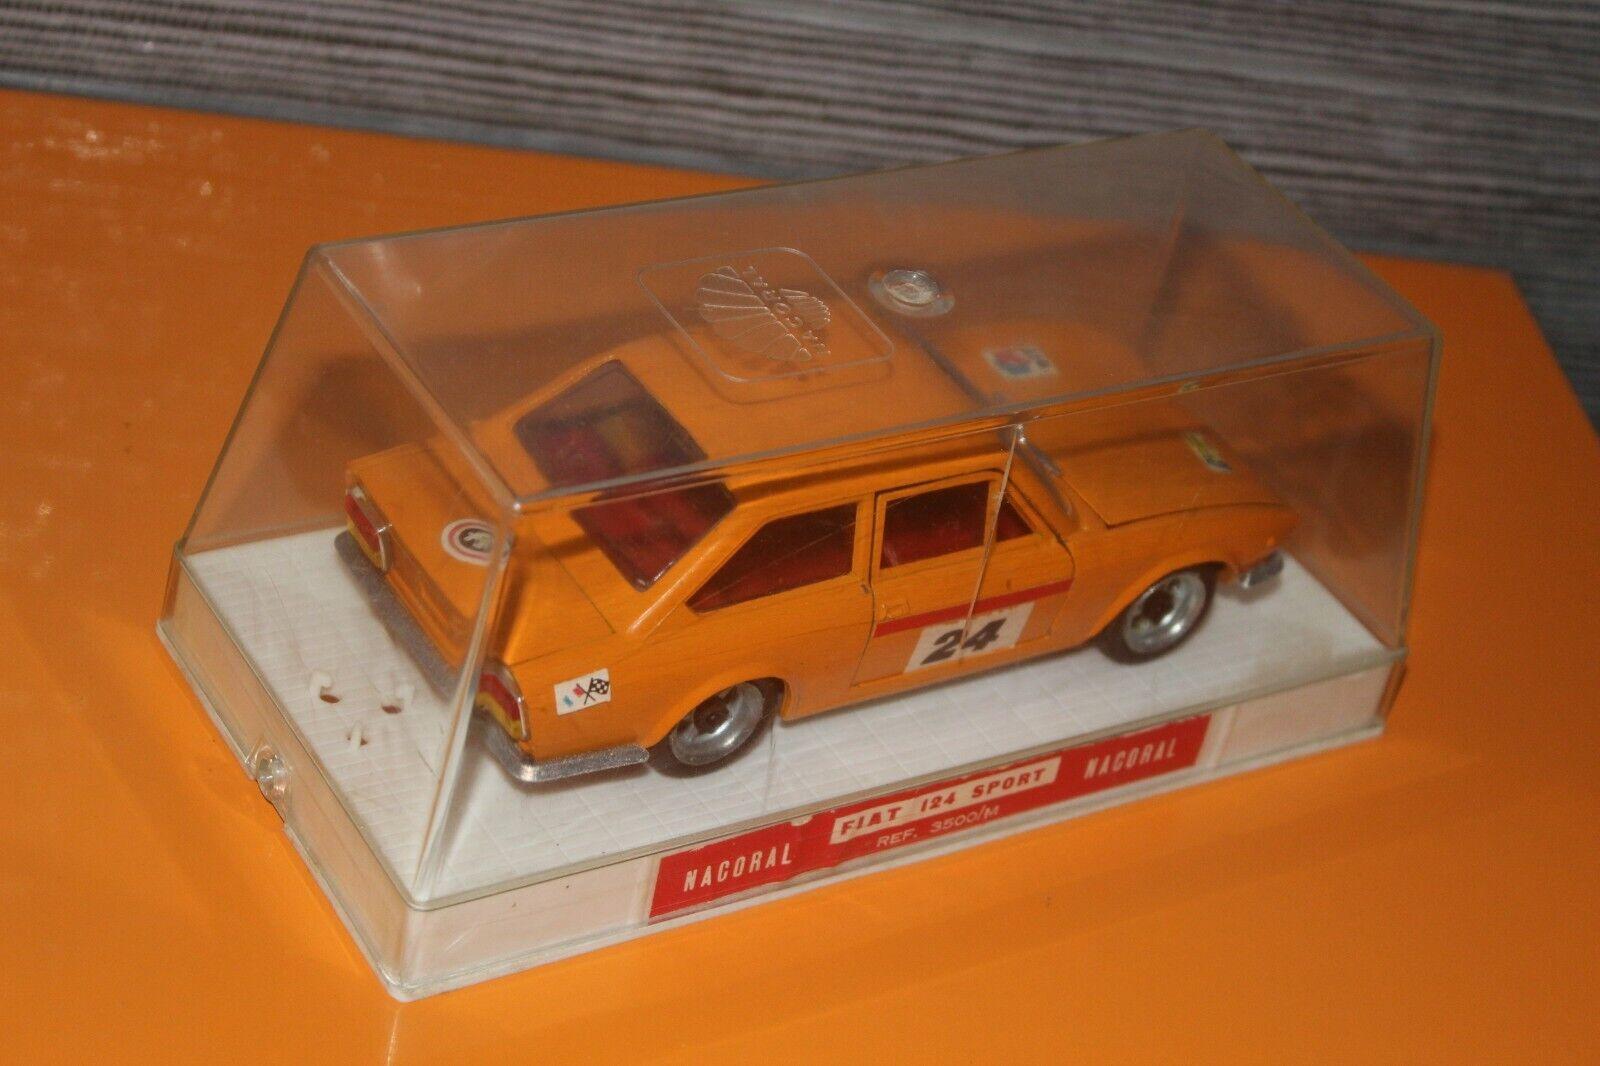 (A) NACORAL   FIAT 124 SPORT Réf 3500 M